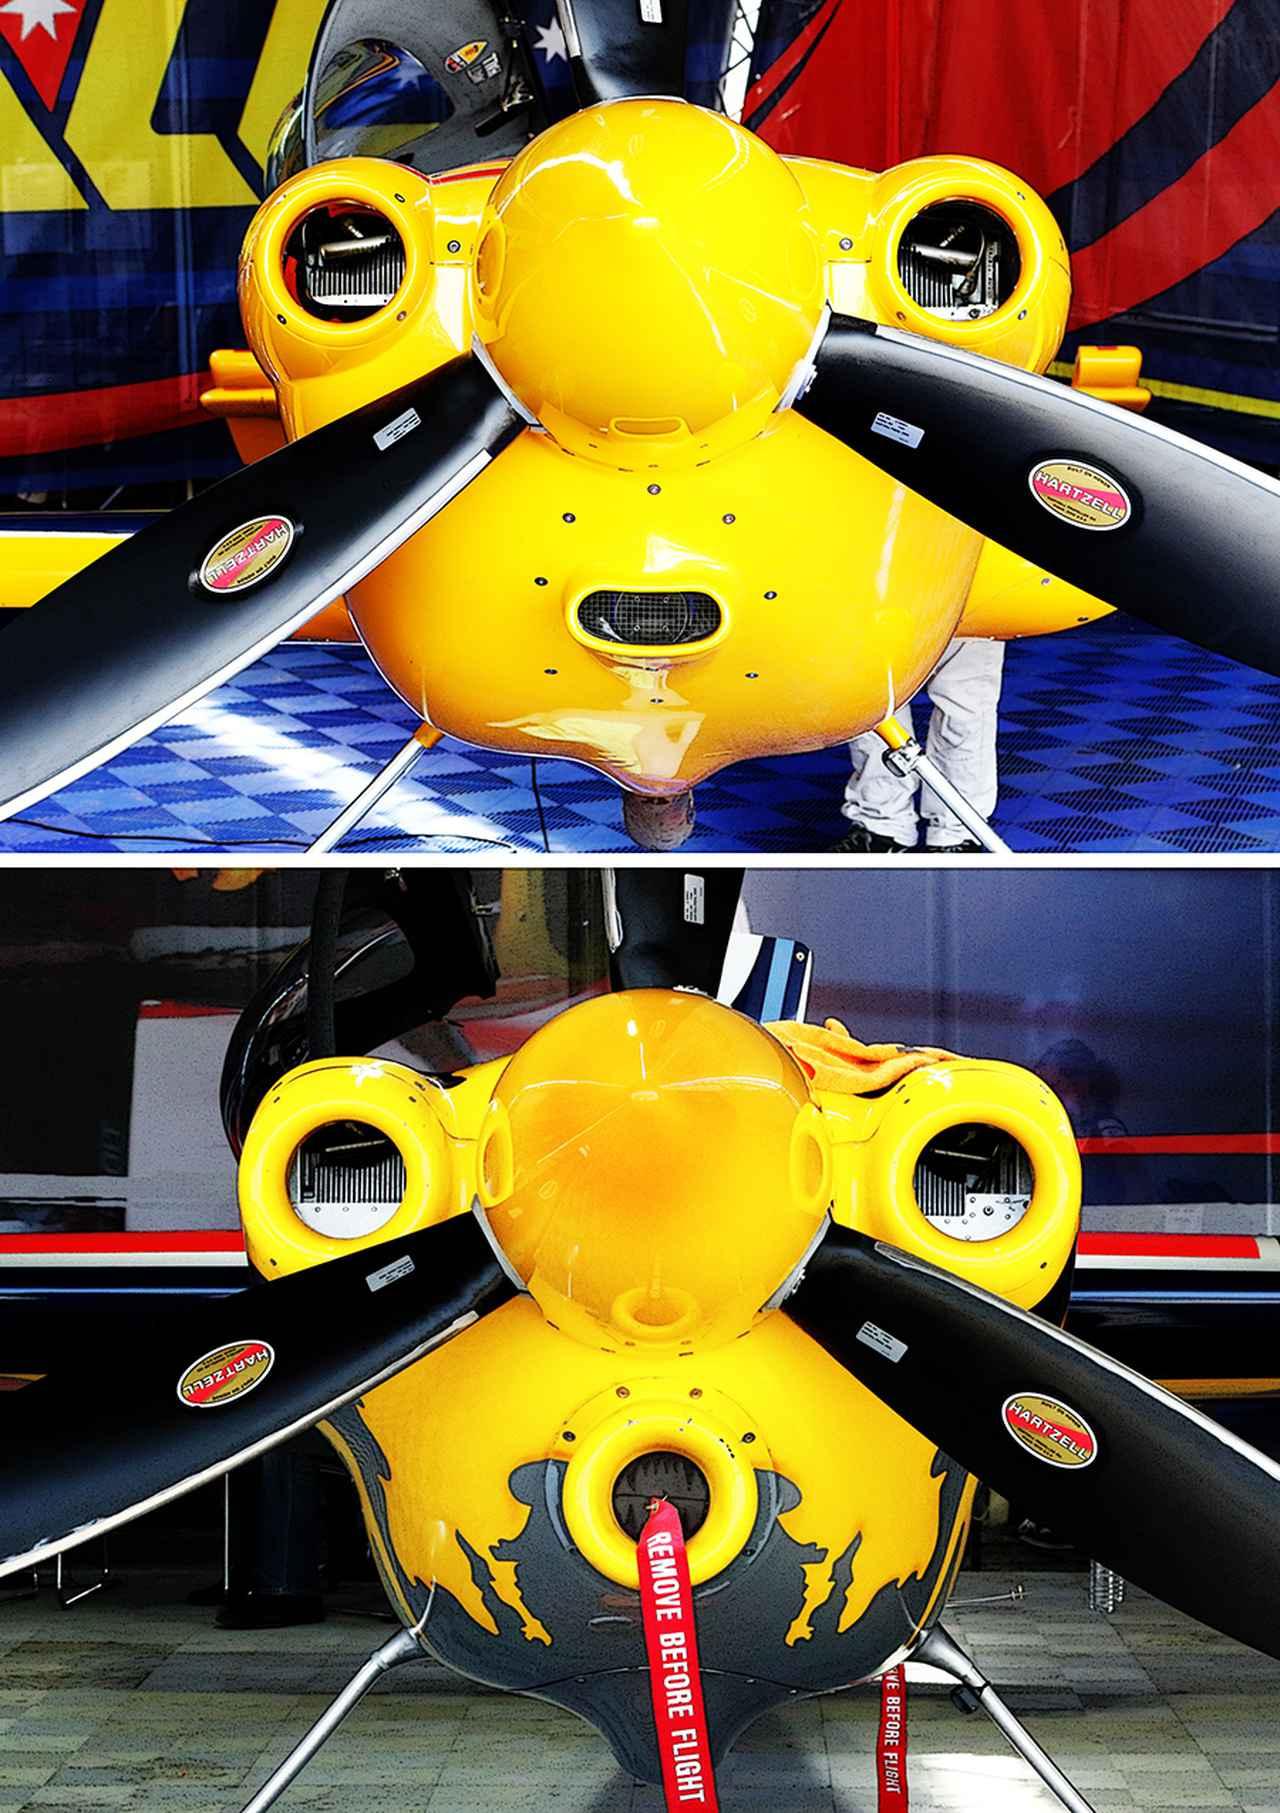 画像: エンジンだけでなくプロペラも一切の改造ができない。しかしプロペラシャフト両側の冷却口、下側の吸気口の形状は各チームで創意を凝らしている。同じ機体(事実上2機種)でも、微妙に顔つきが違うので面白い。